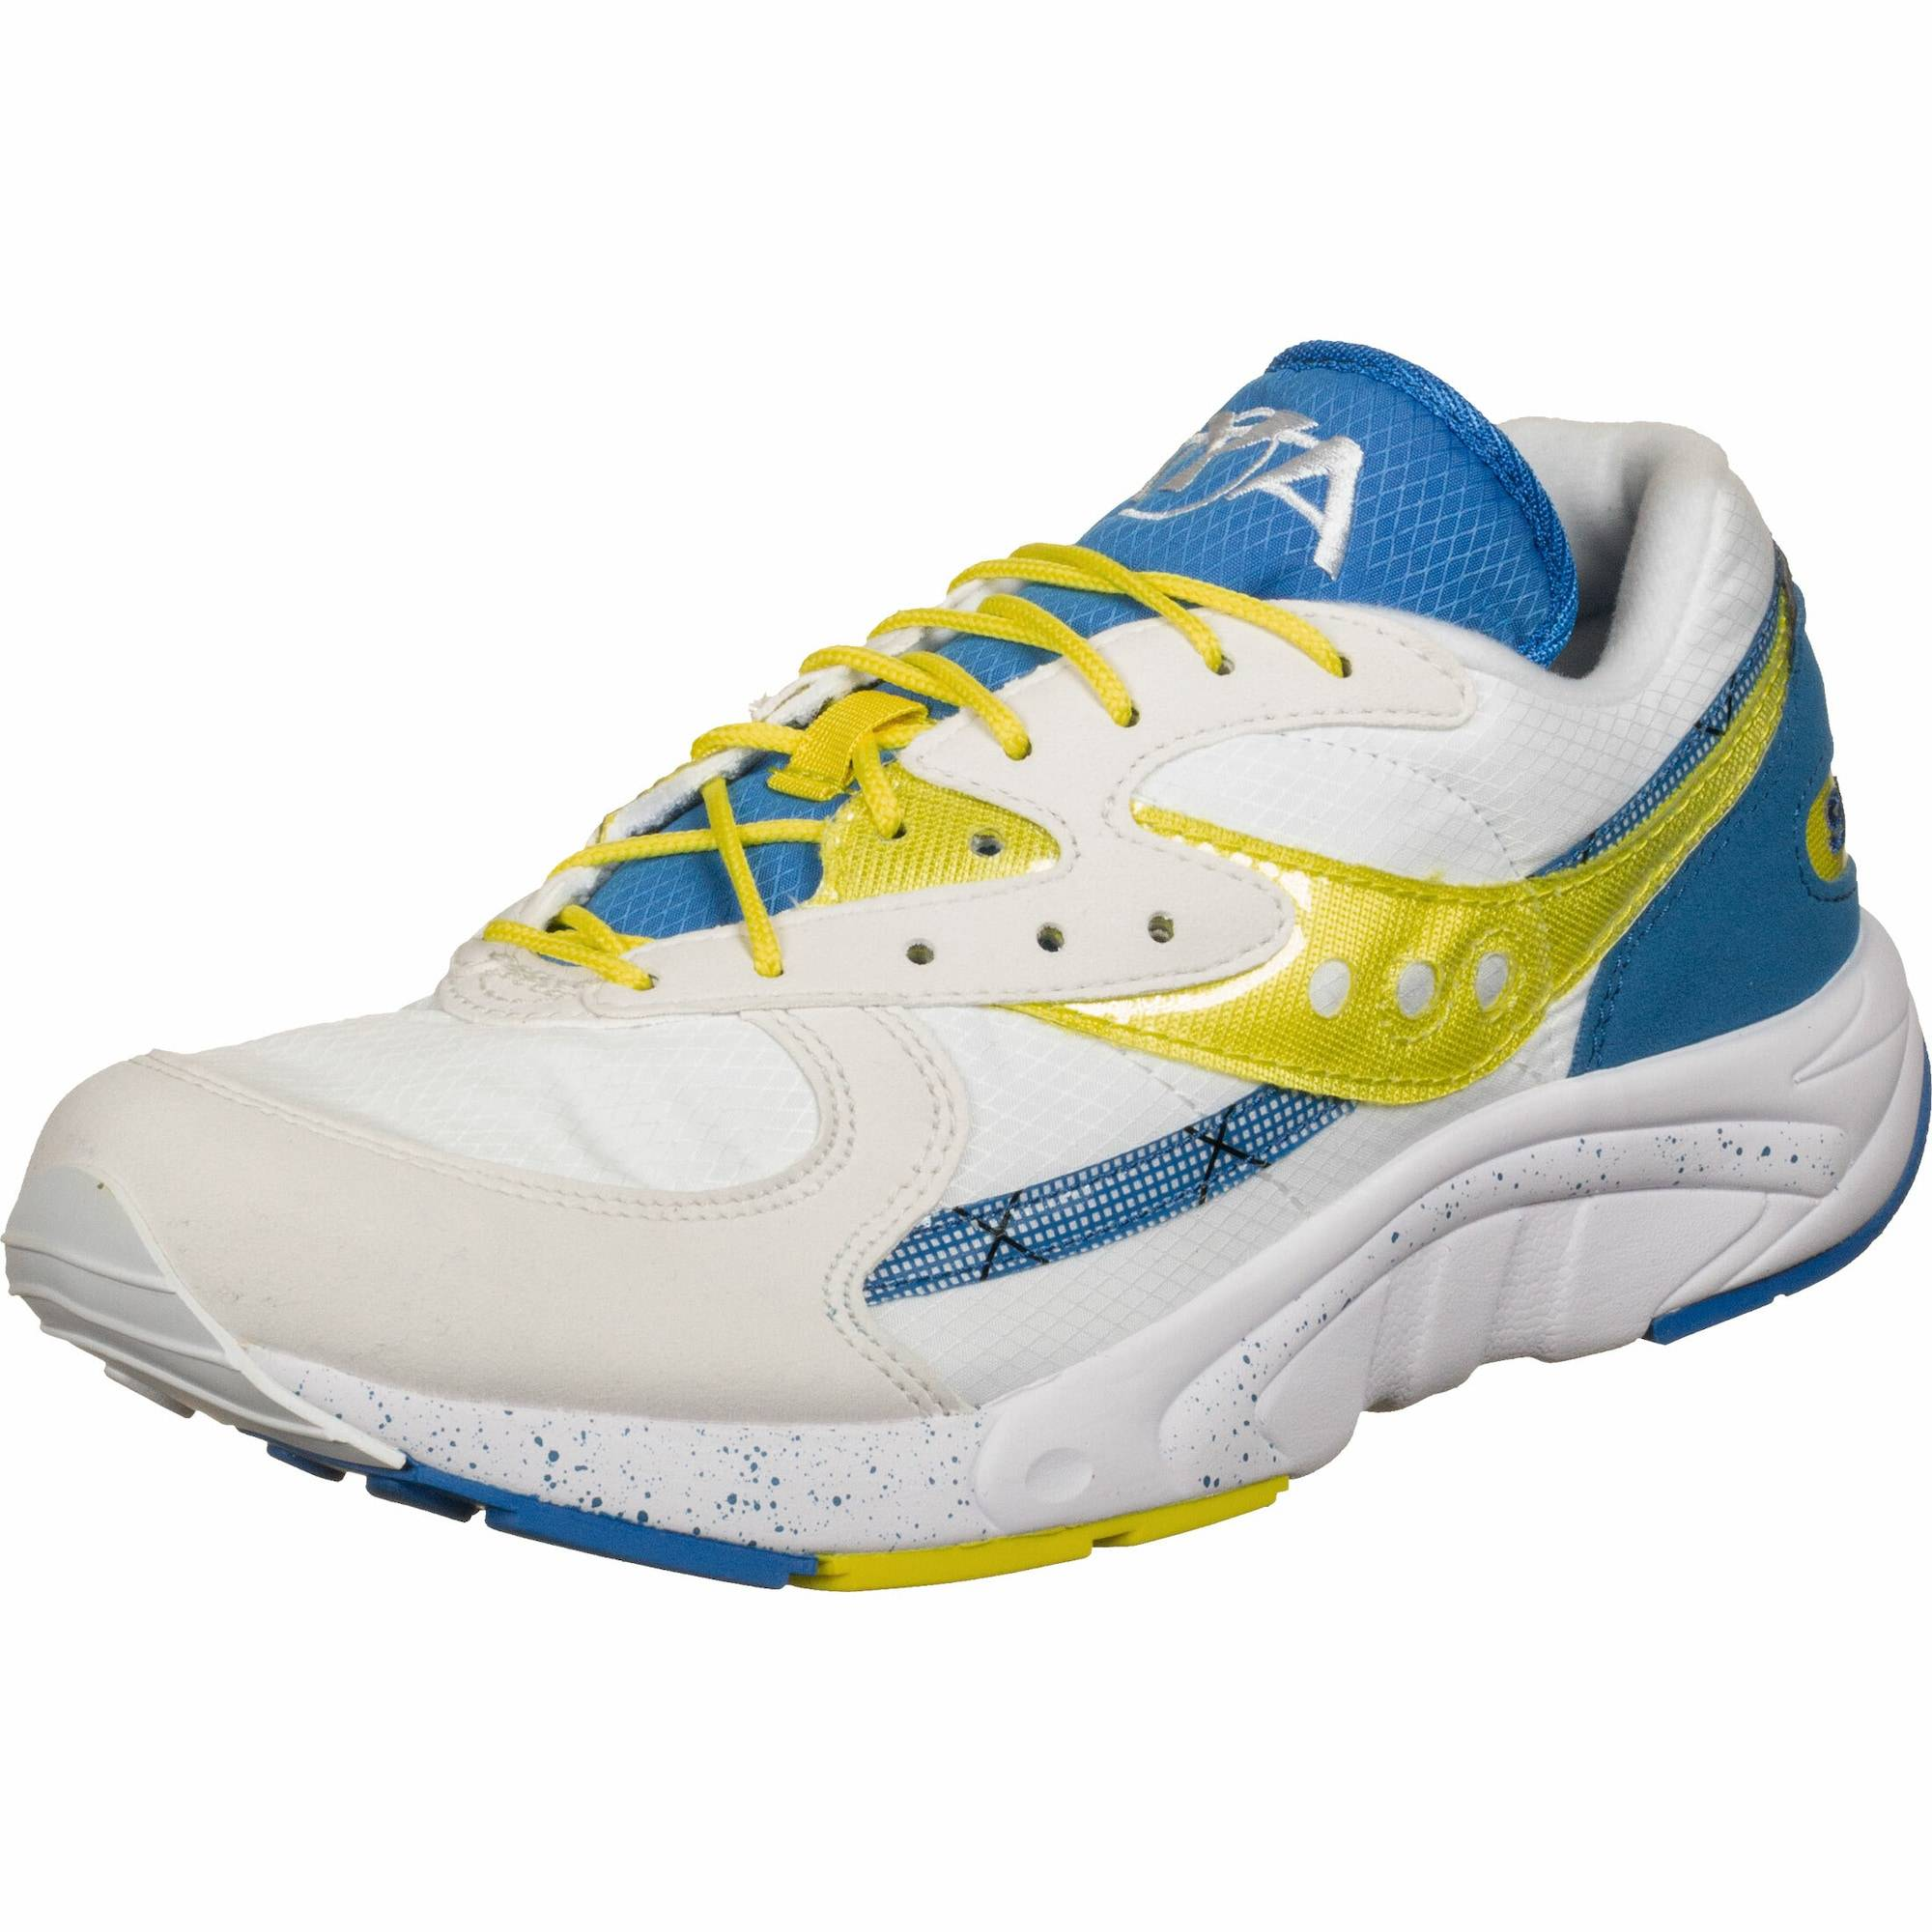 saucony Chaussure de course 'Aya'  - Blanc, Bleu - Taille: 42 - male